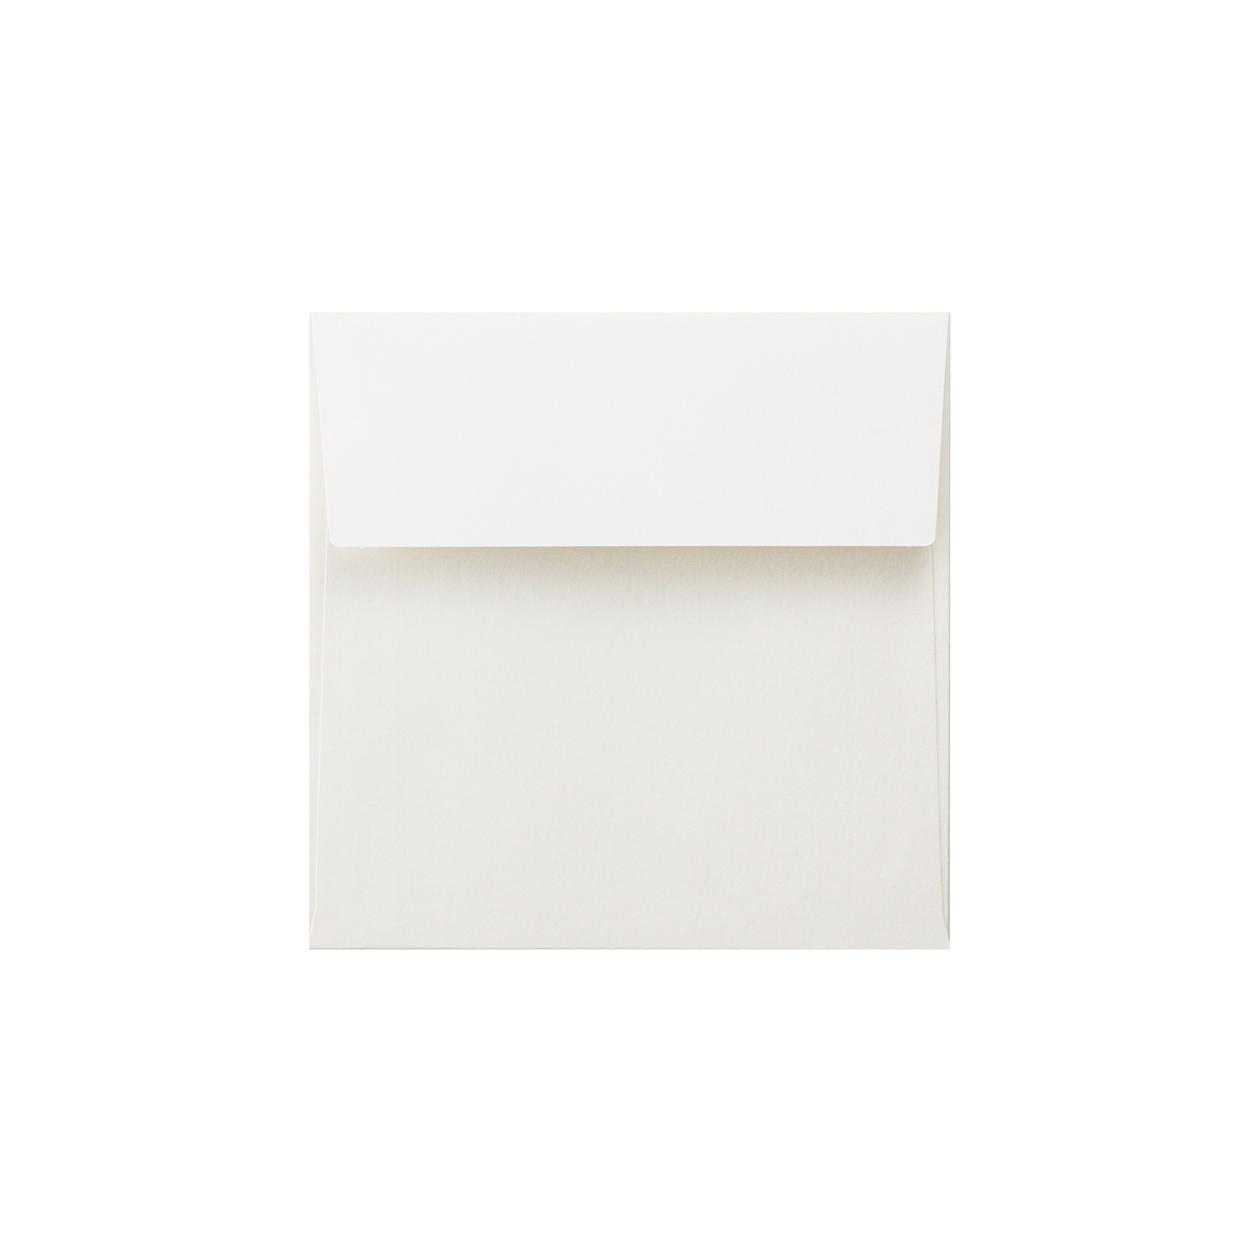 サンプル 封筒・袋 00093